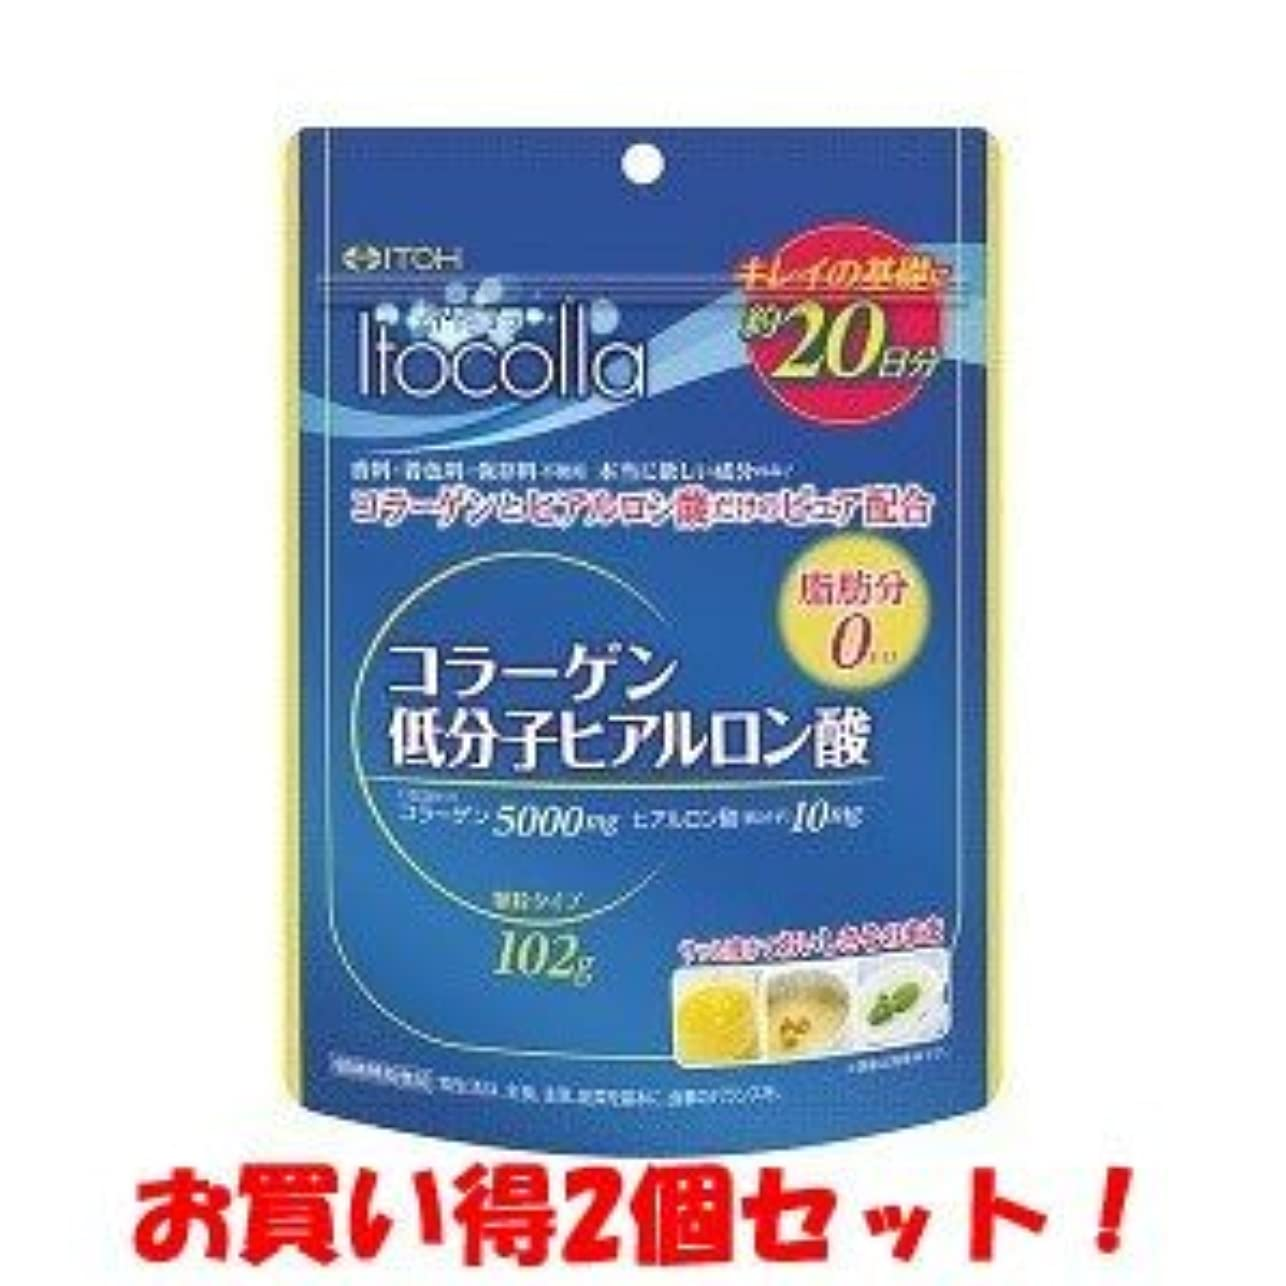 信頼性のある顎どうやって(井藤漢方製薬)イトコラ コラーゲン低分子ヒアルロン酸 約20日分 102g(お買い得2個セット)